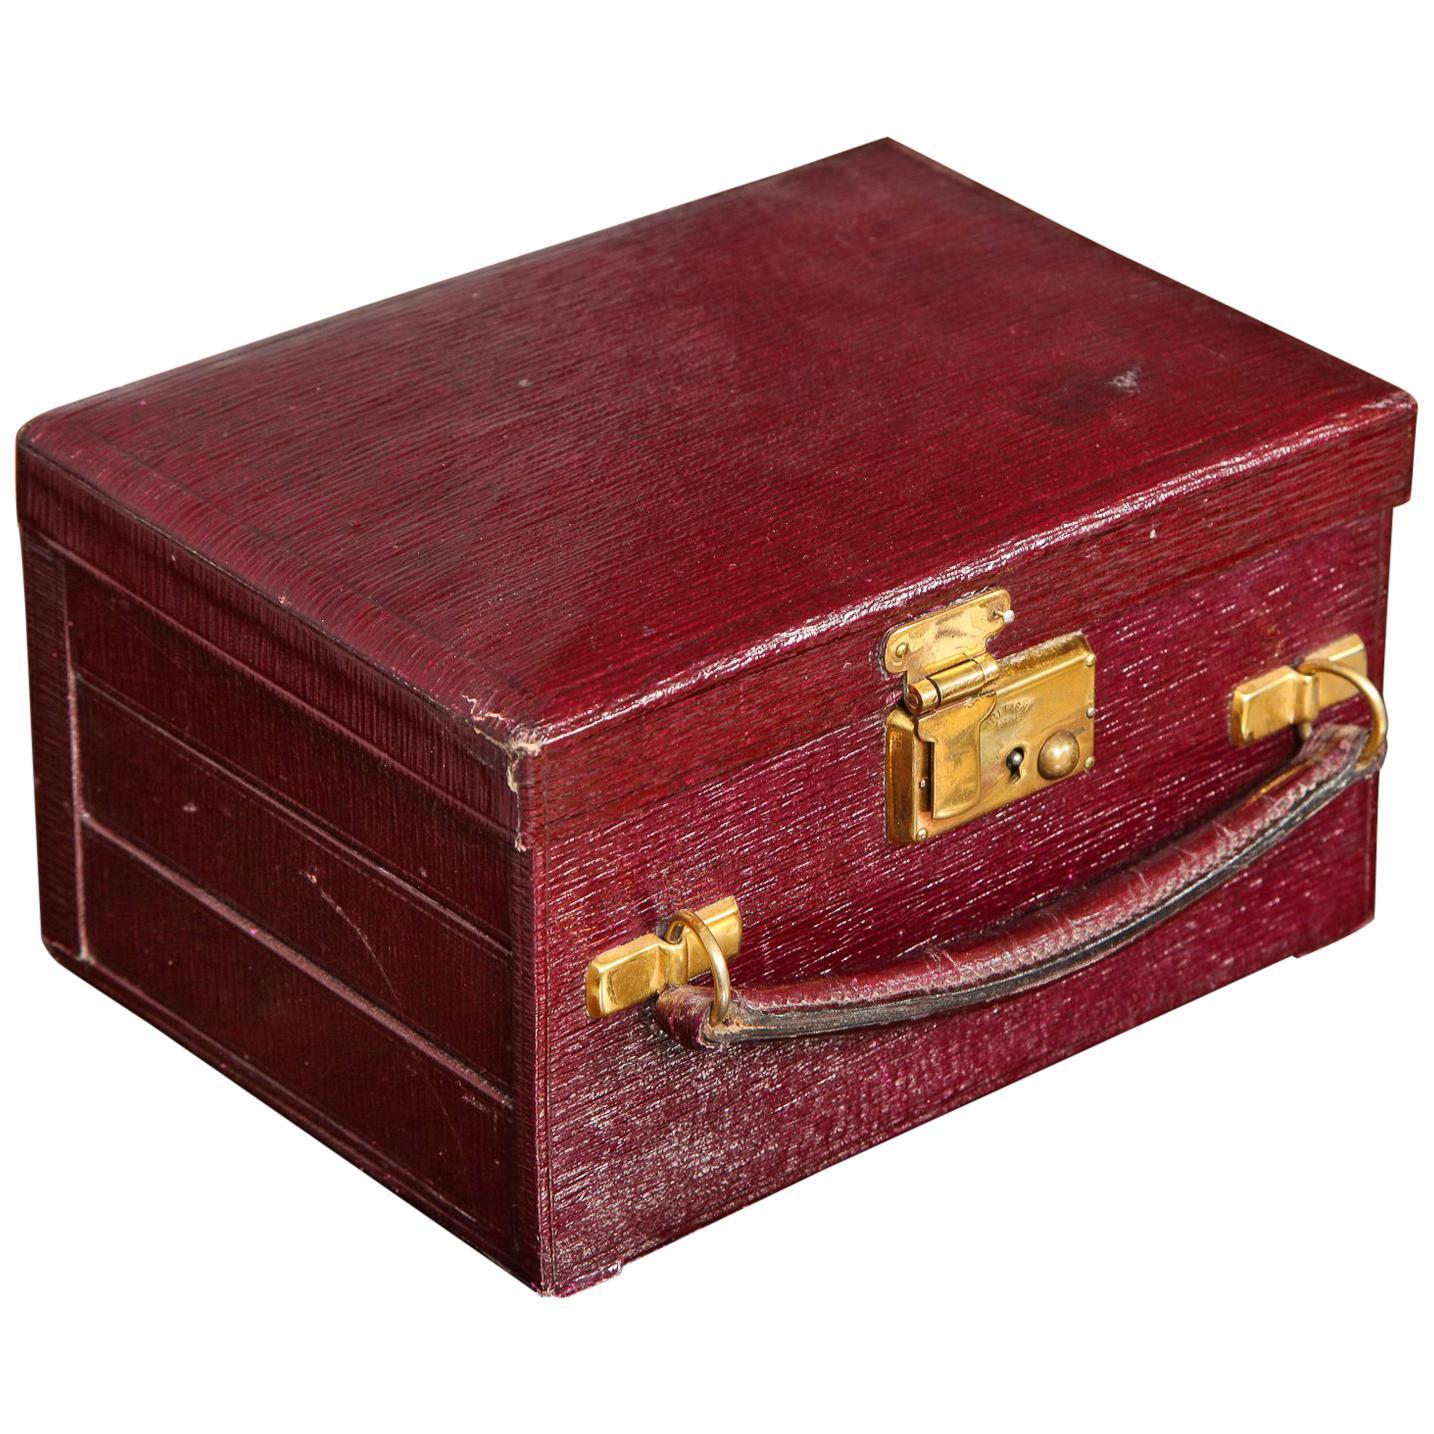 Traveler's Jewelry Box